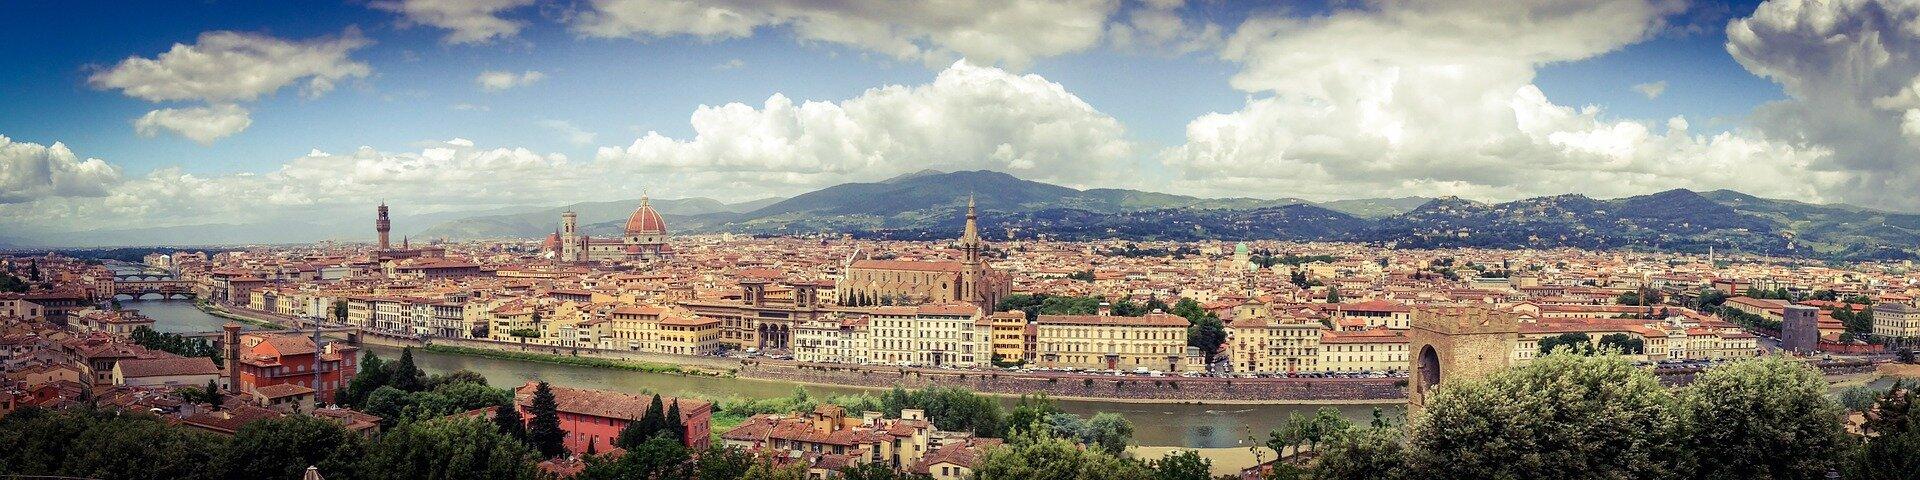 Florencja – jedno znajpiękniejszych renesansowych miast Włoch Florencja – jedno znajpiękniejszych renesansowych miast Włoch Źródło: domena publiczna.